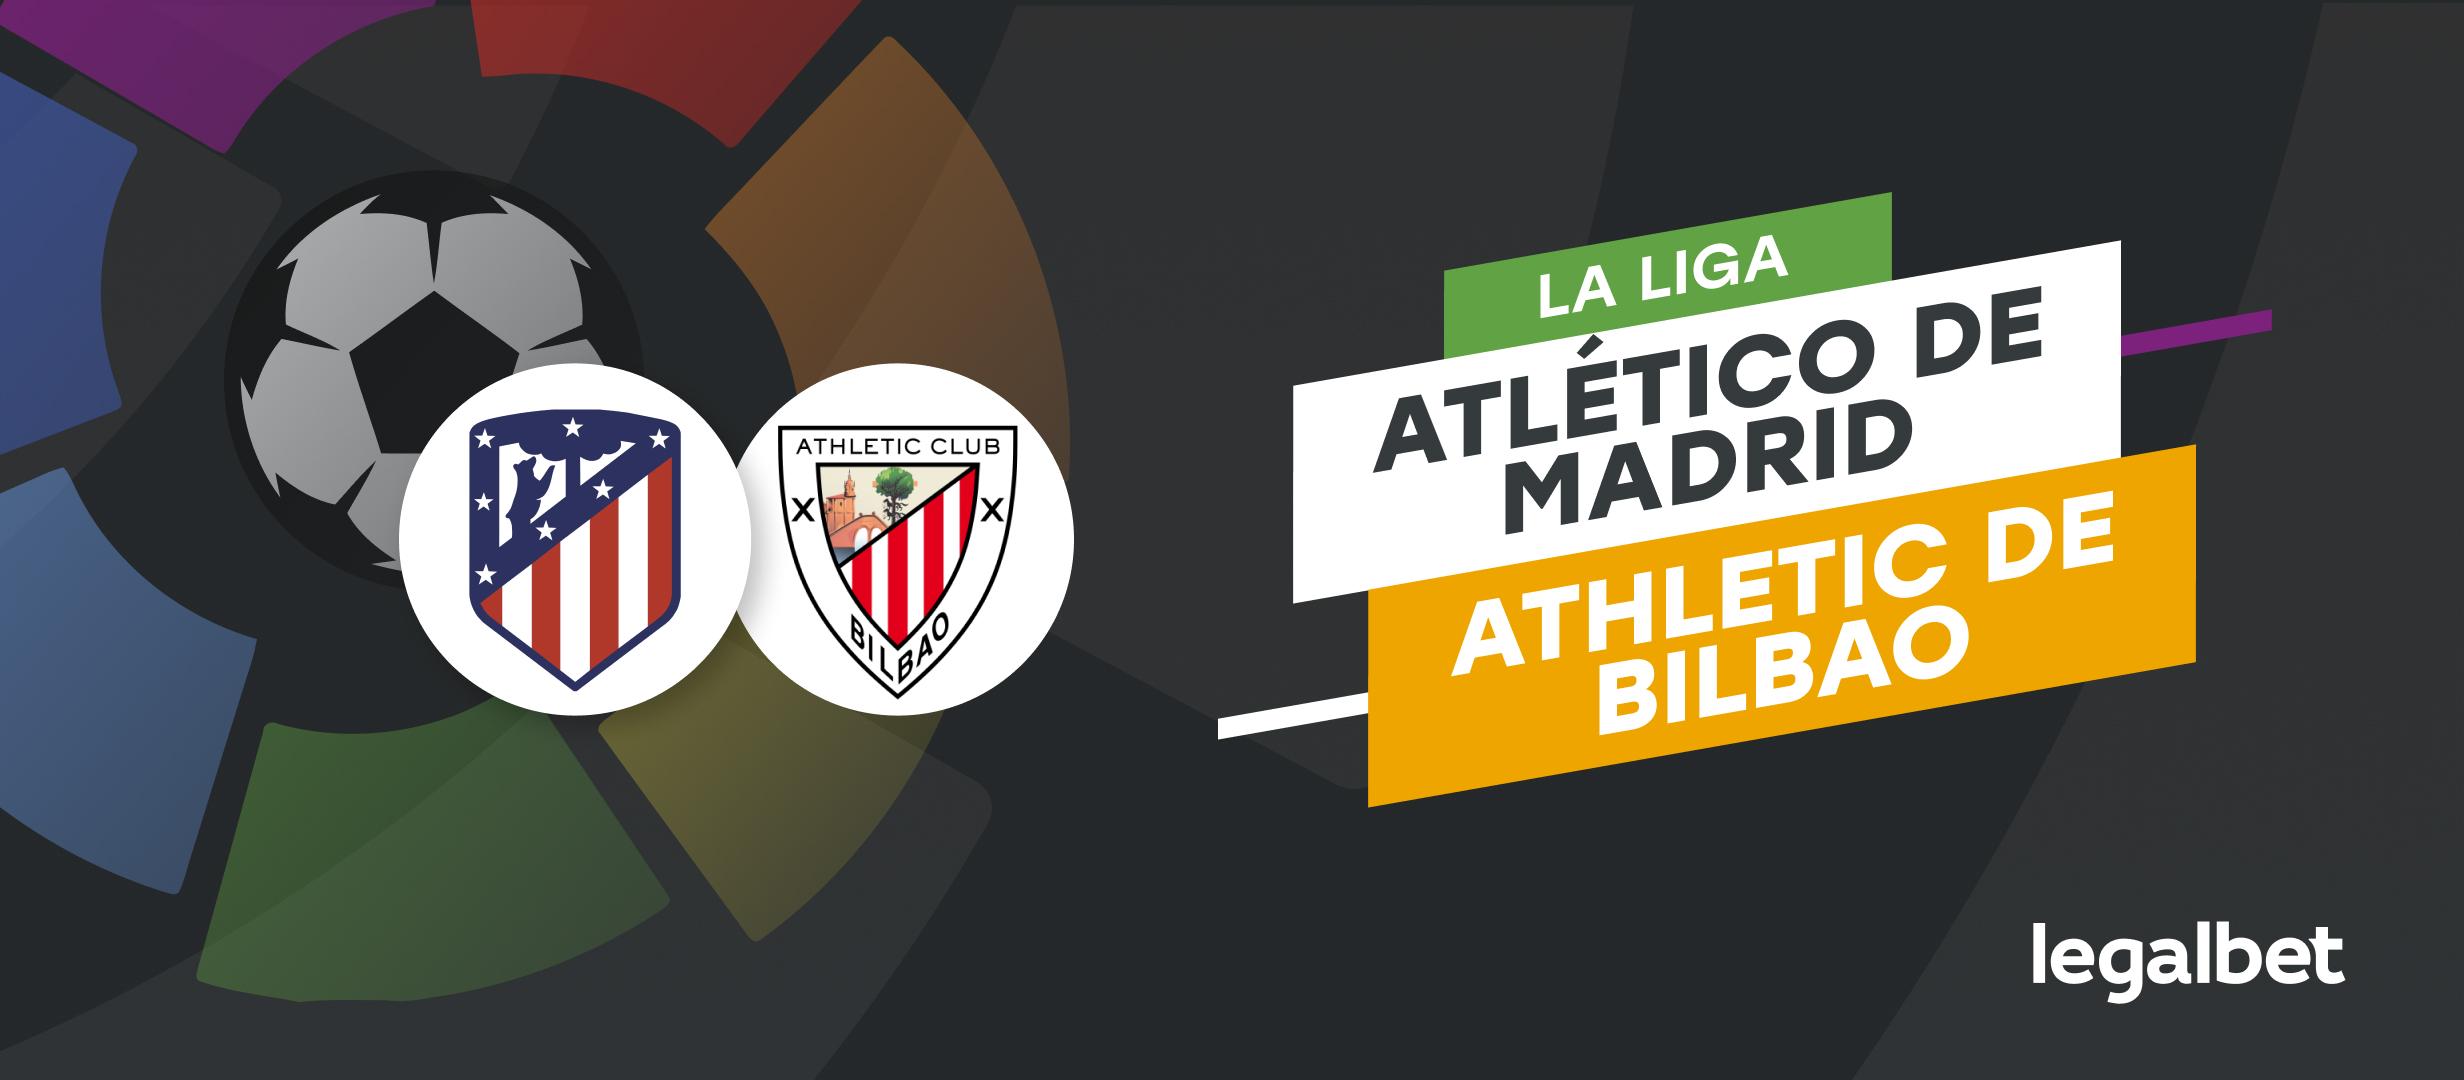 Apuestas y cuotas Atlético de Madrid - Athletic, La Liga 2021/22